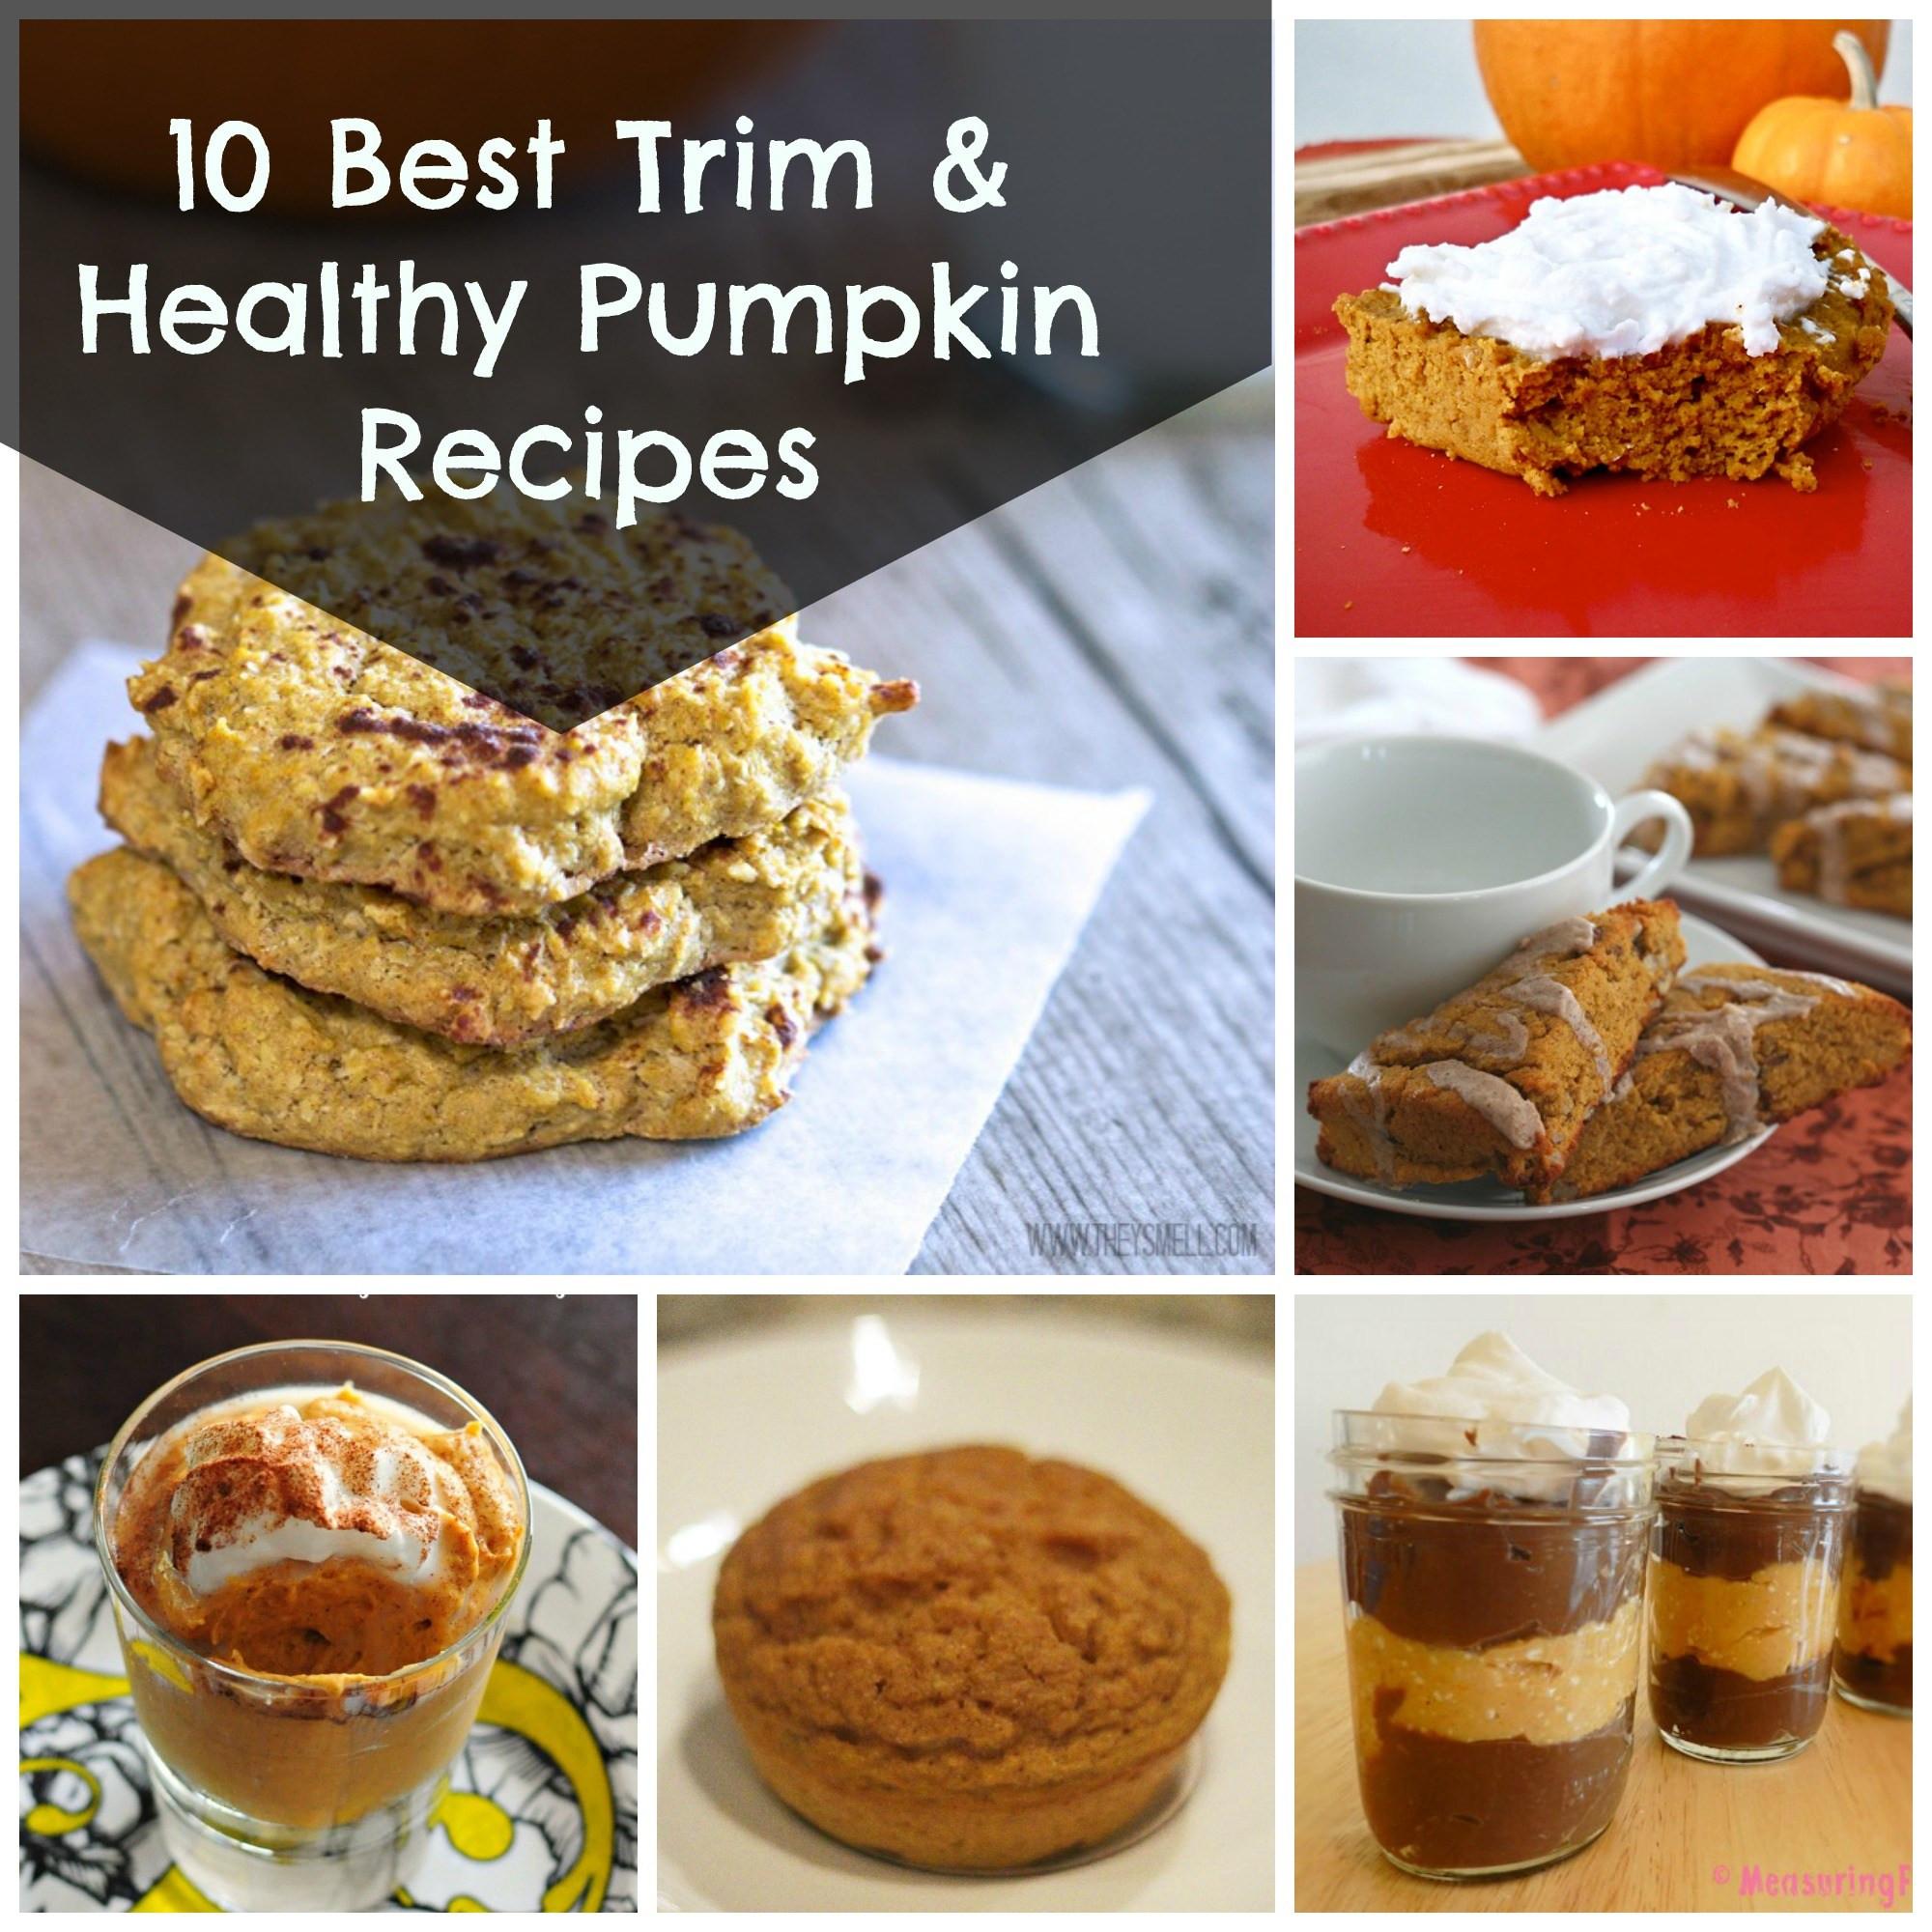 Pumpkin Recipes Healthy  10 Best Trim and Healthy Pumpkin Recipes Grassfed Mama